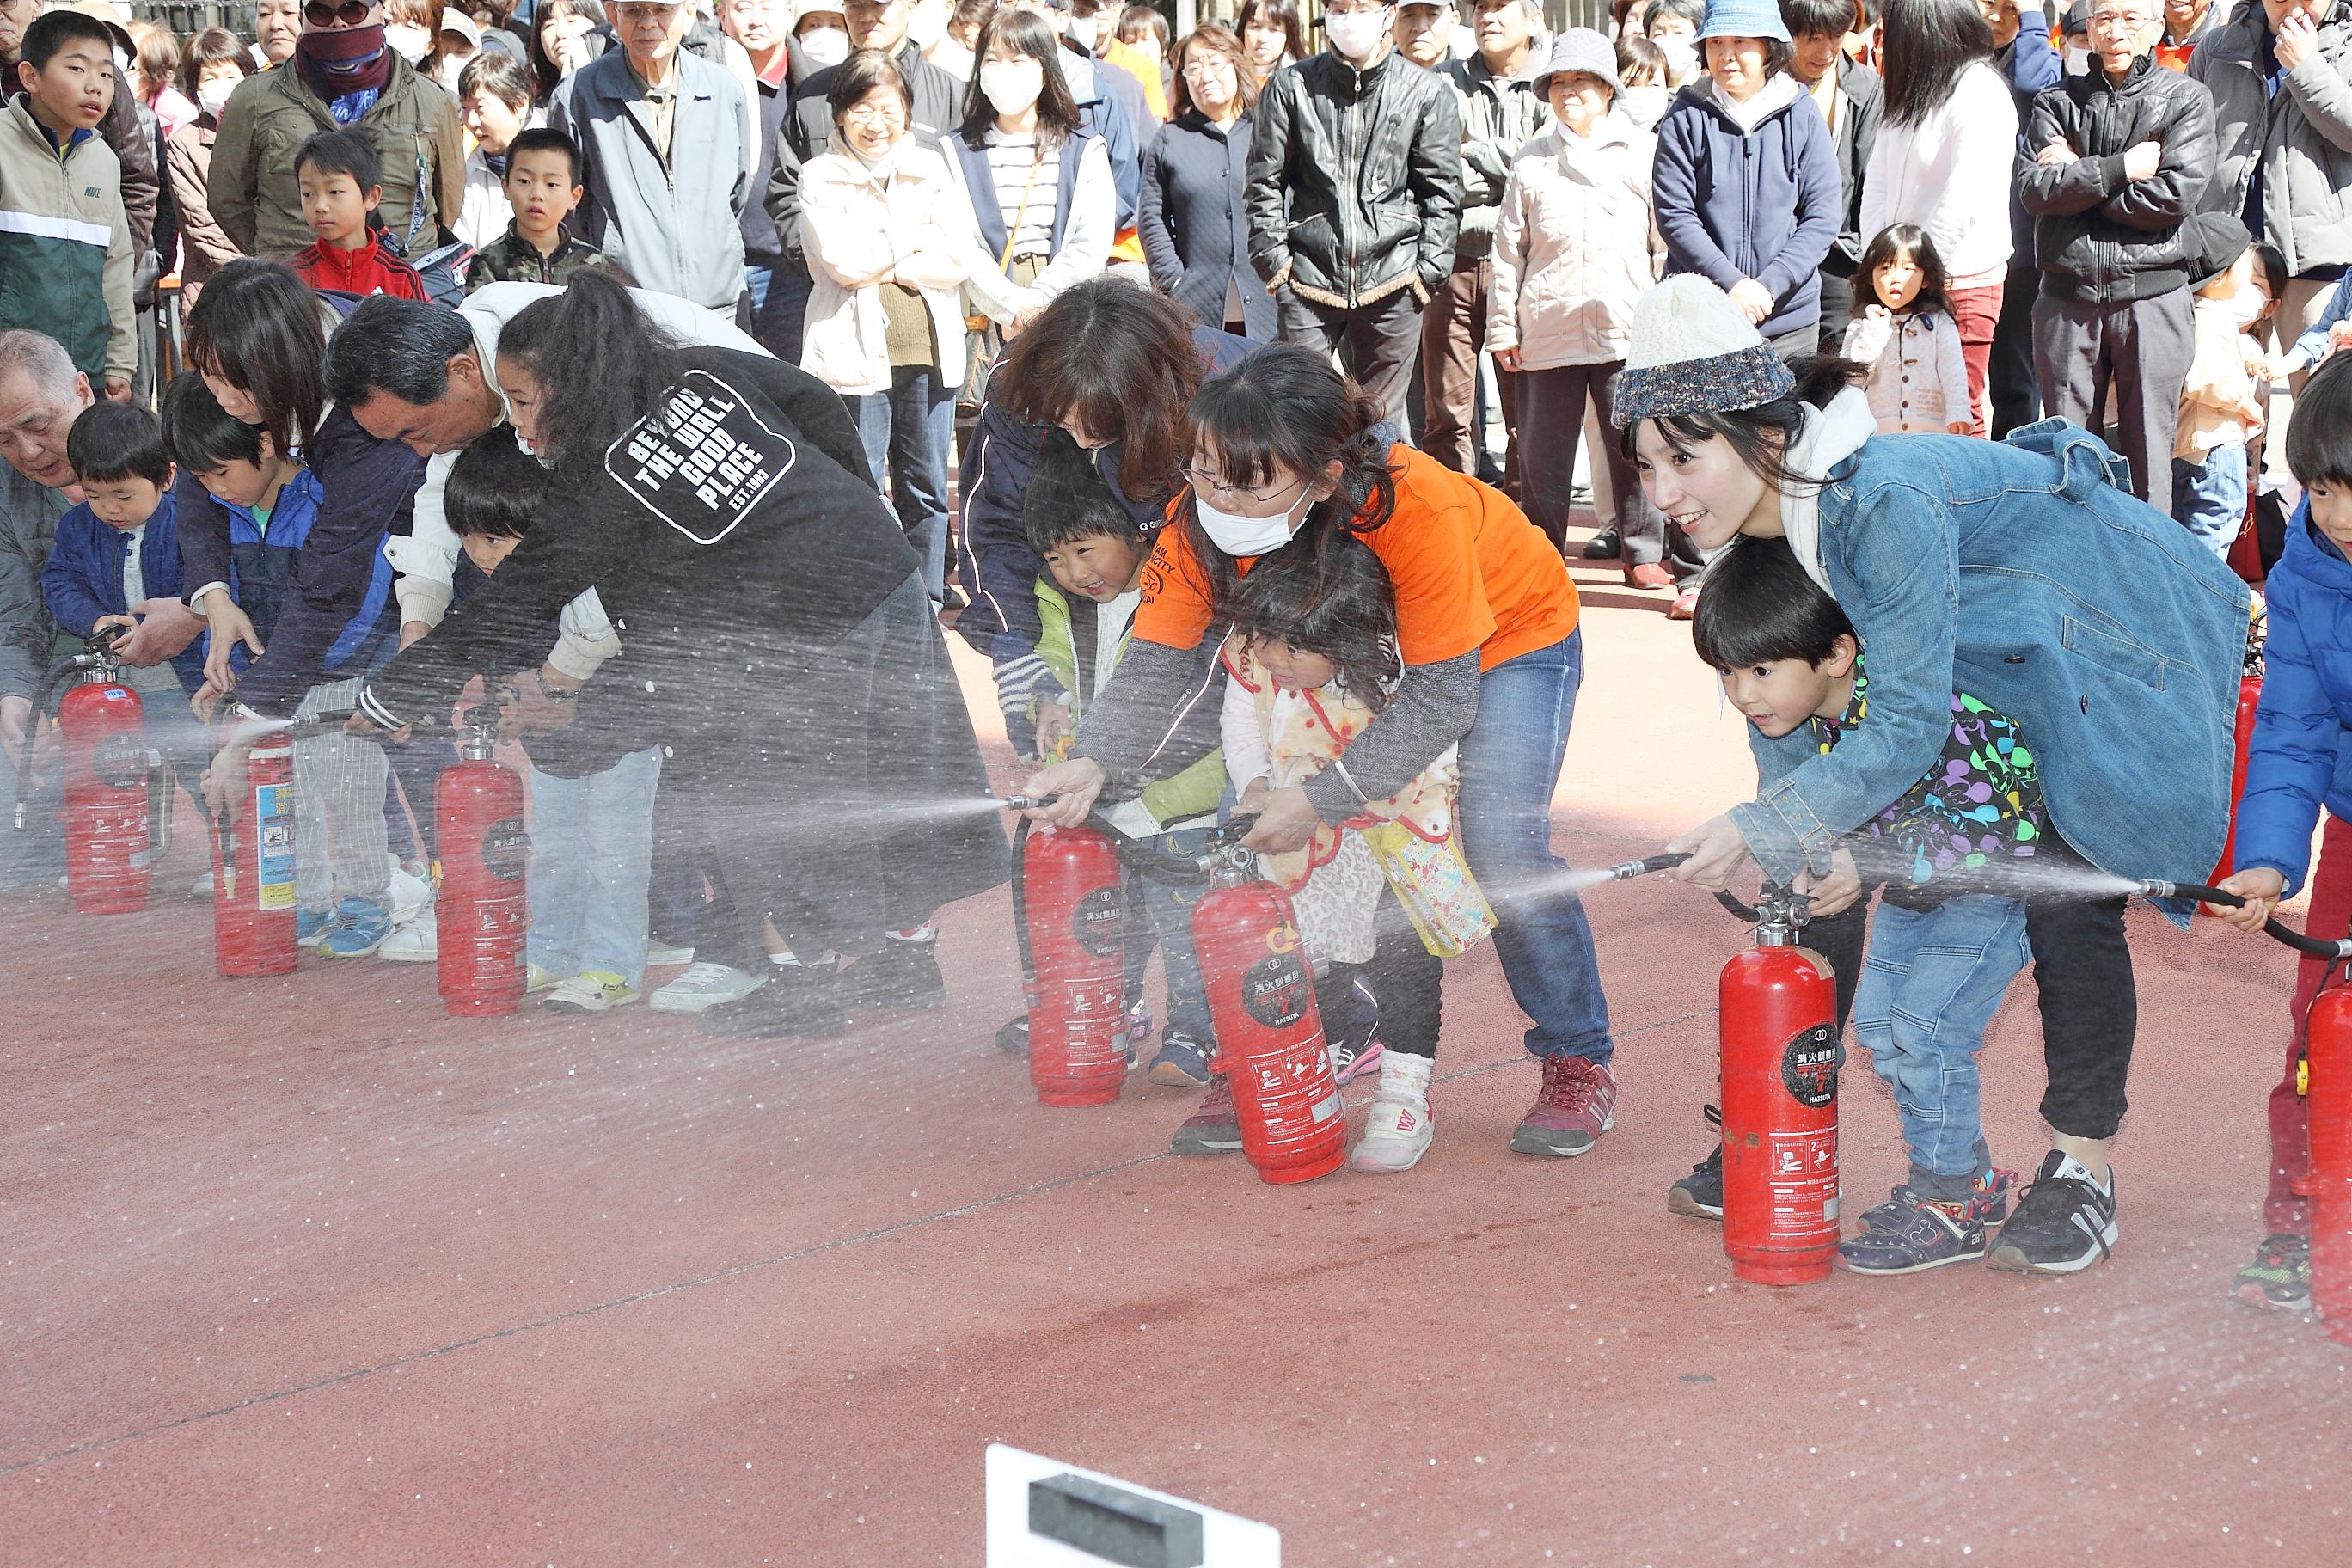 子どもたちも参加する防災訓練、消火器の使い方について、子どもから大人まで指導を受けている